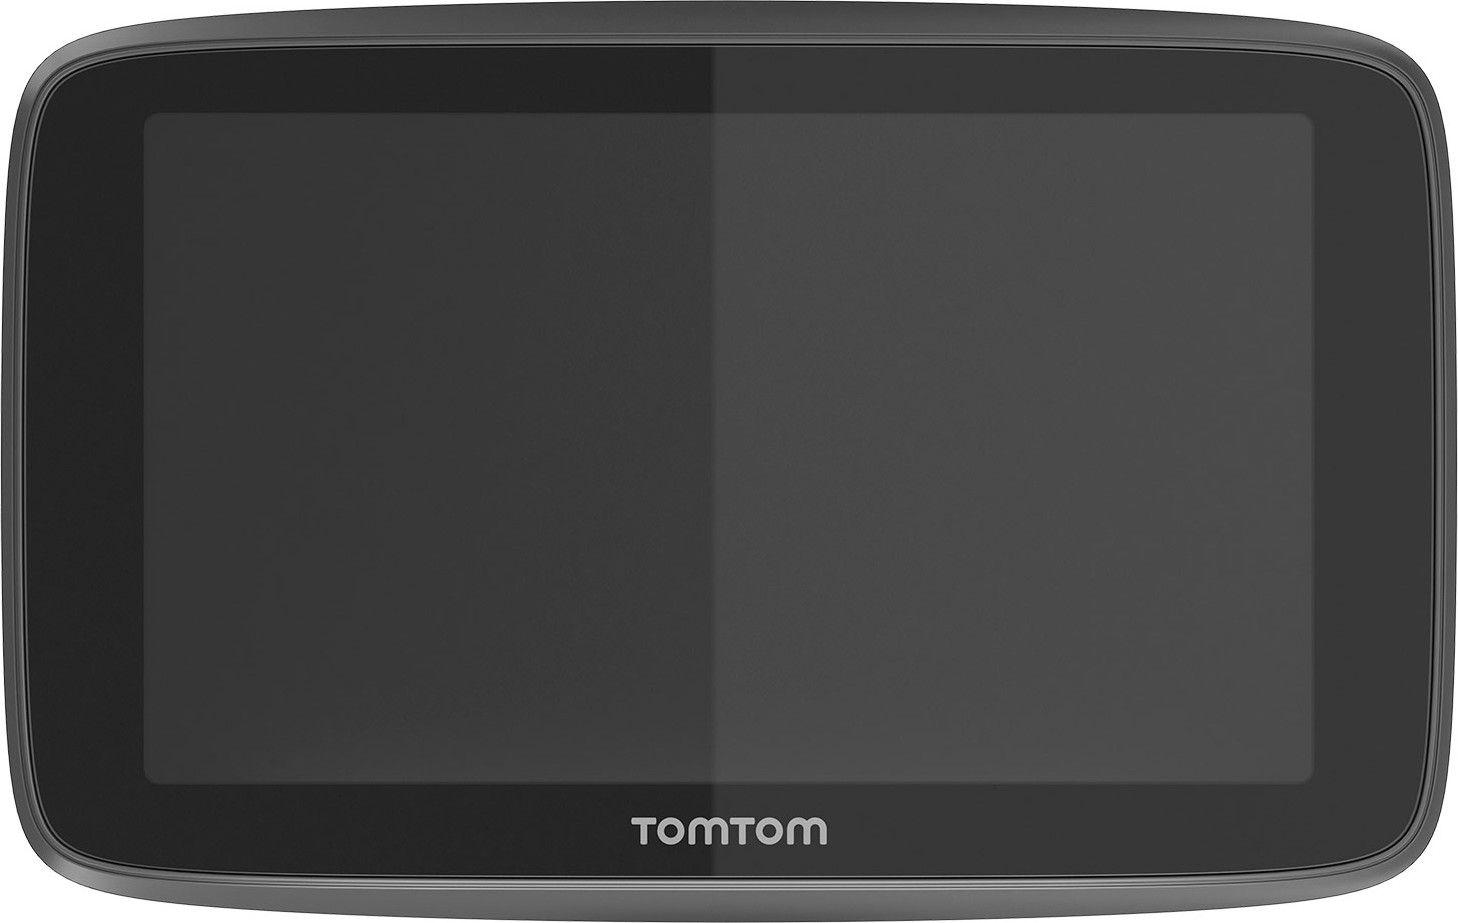 Nawigacja GPS TomTom Go 5200 EU45 (1PL5.002.08) Navigācijas iekārta